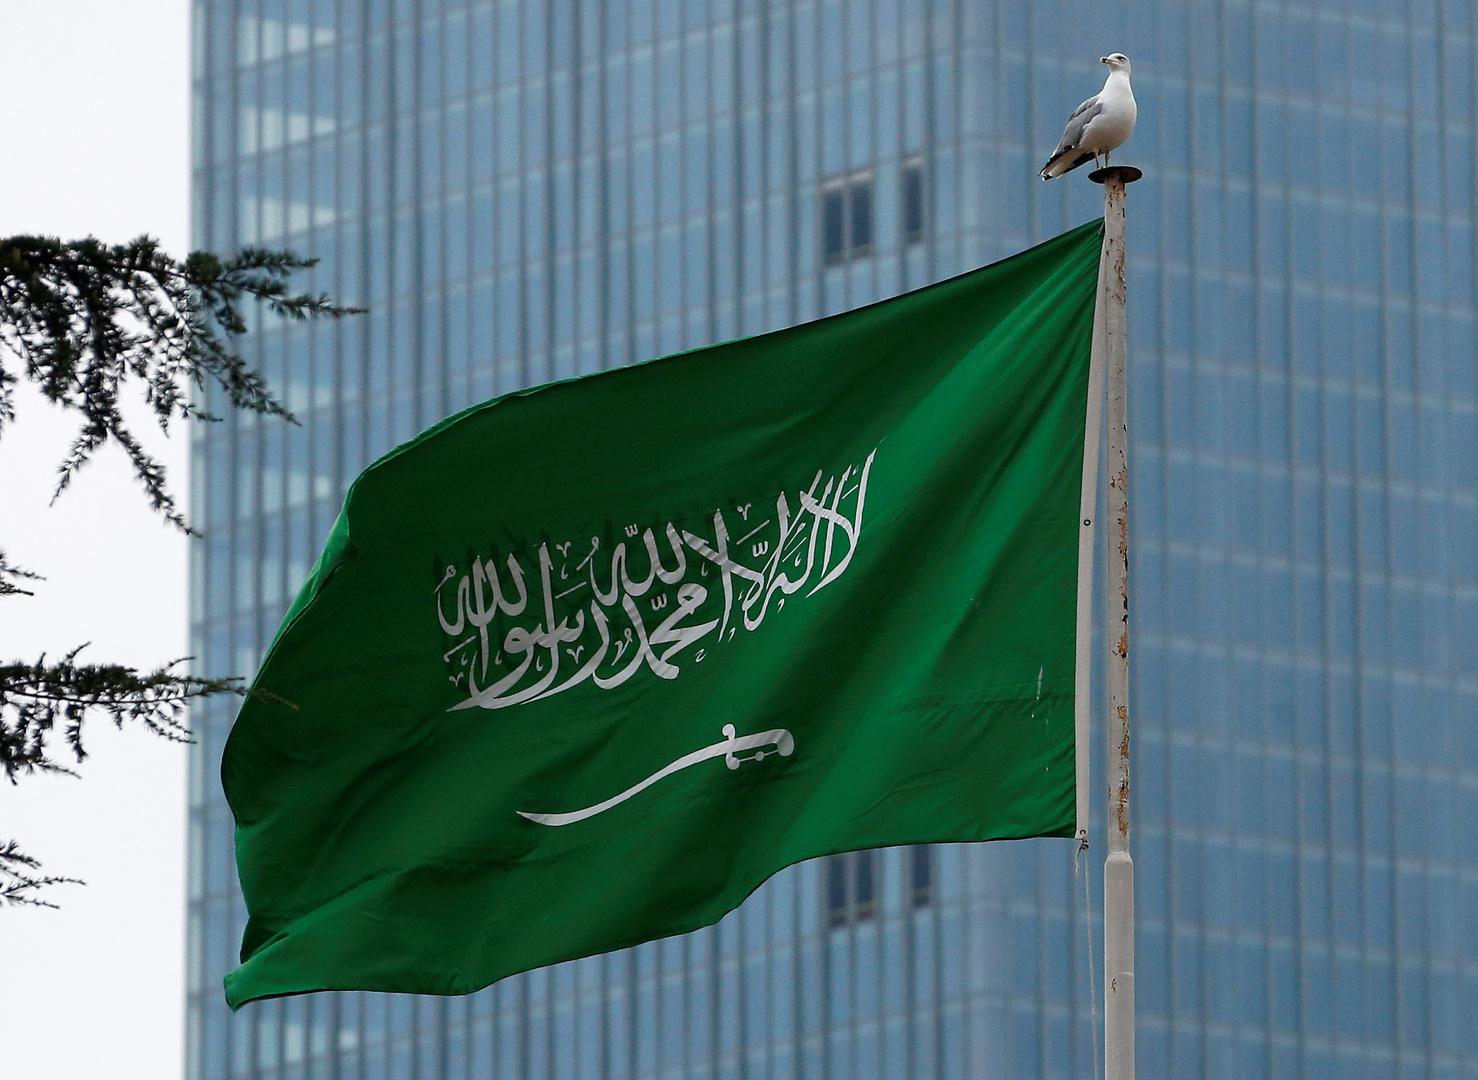 مندوب السعودية لدى الأمم المتحدة لـRT: الأزمة بين قطر ودول الخليج يمكن أن تنتهي خلال 24 ساعة